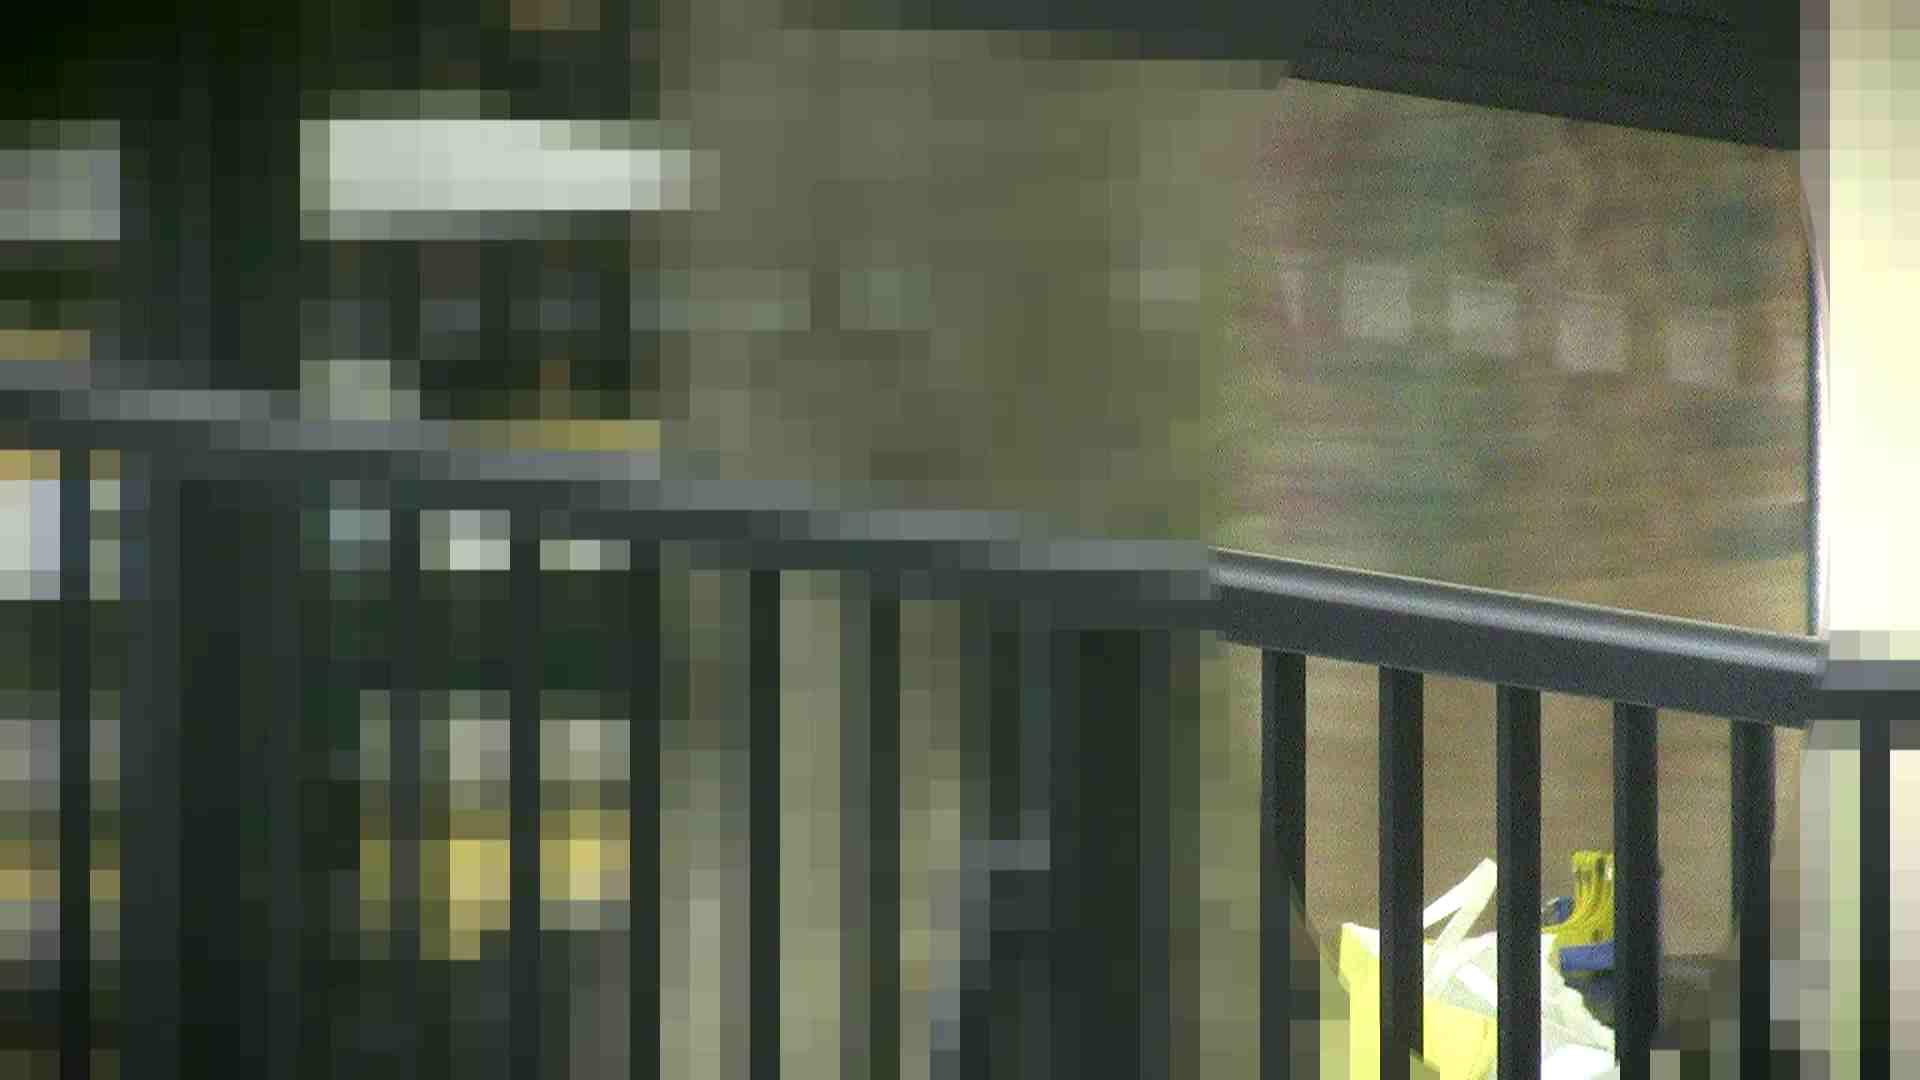 高画質露天女風呂観察 vol.006 ギャル入浴 オマンコ無修正動画無料 60連発 12